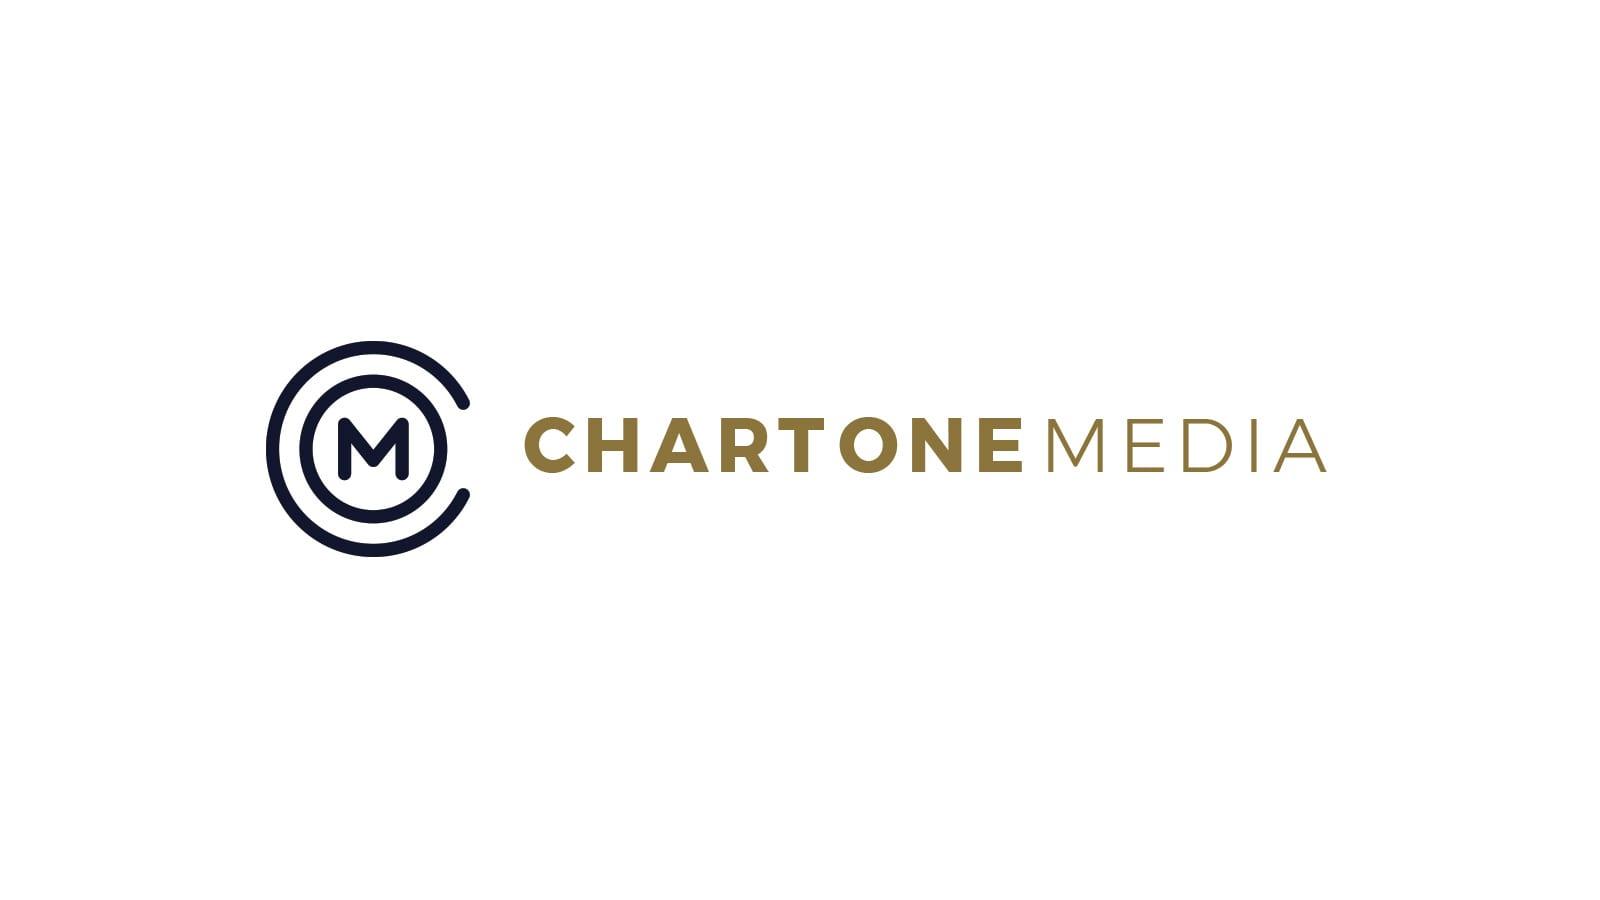 Logos_ChartOneMedia